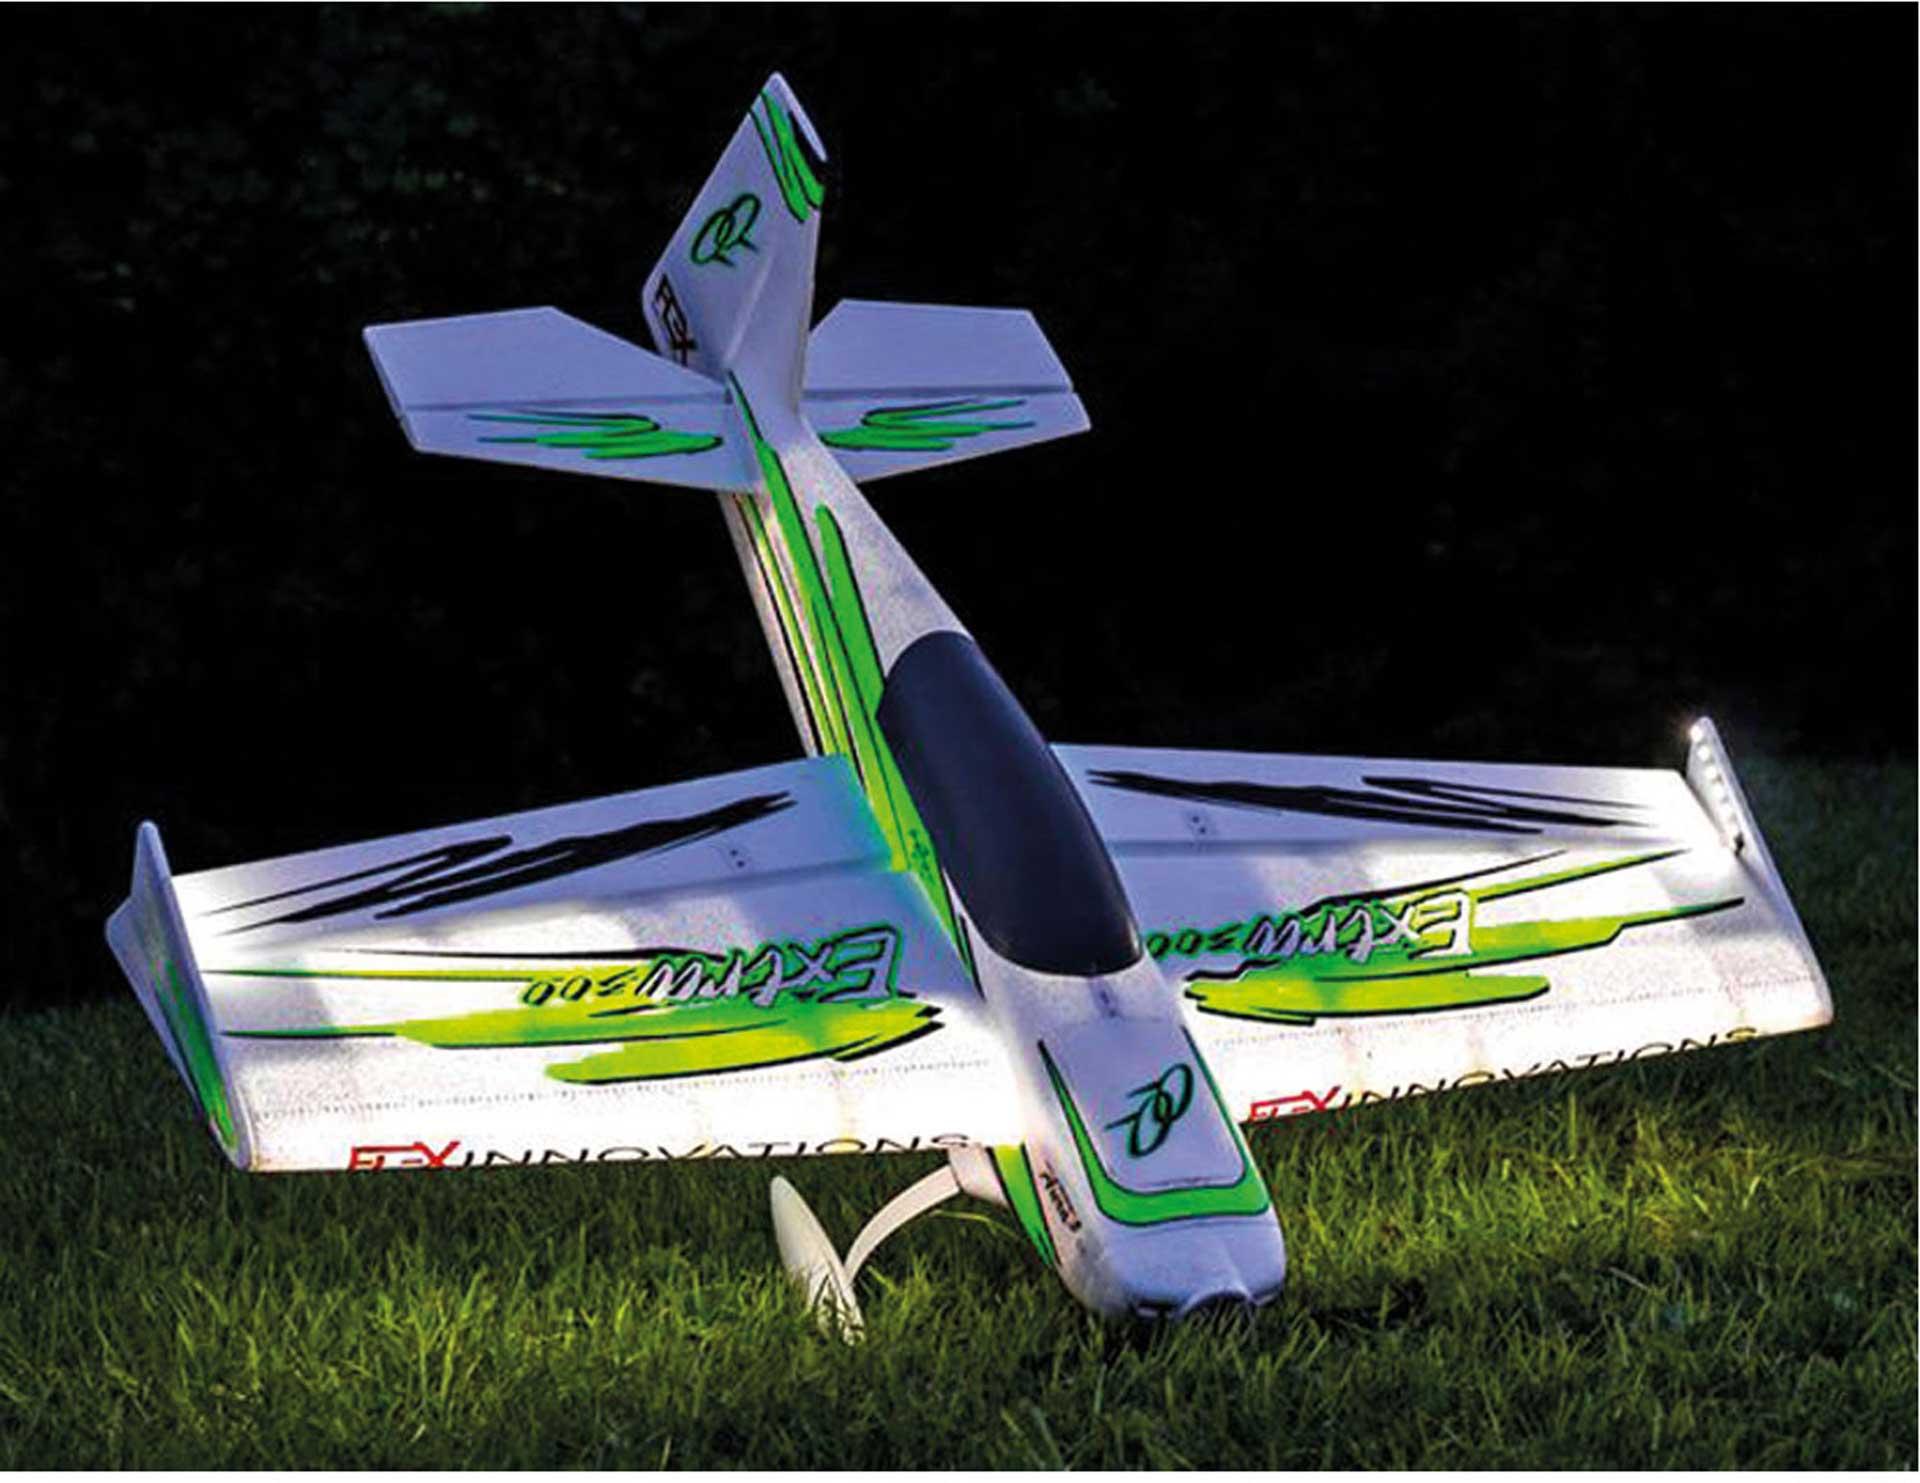 PREMIER AIRCRAFT QQ EXTRA 300 V2 GRÜN/SCHWARZ NIGHT SUPER PNP MIT LED BELEUCHTUNG UND AURA 8